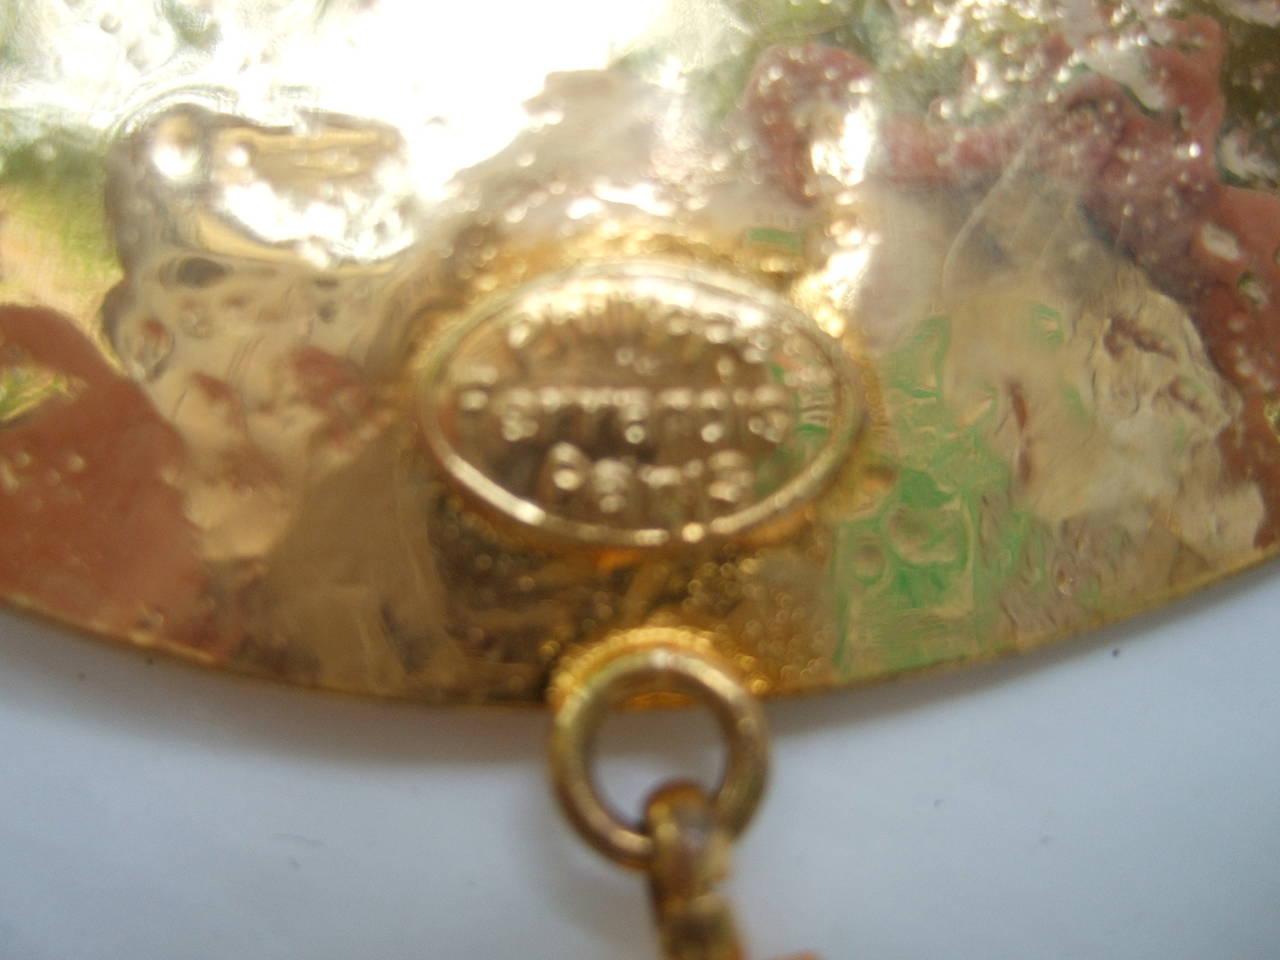 Philippe Ferrandis Paris Magnificent Agate Pendant Necklace For Sale 4